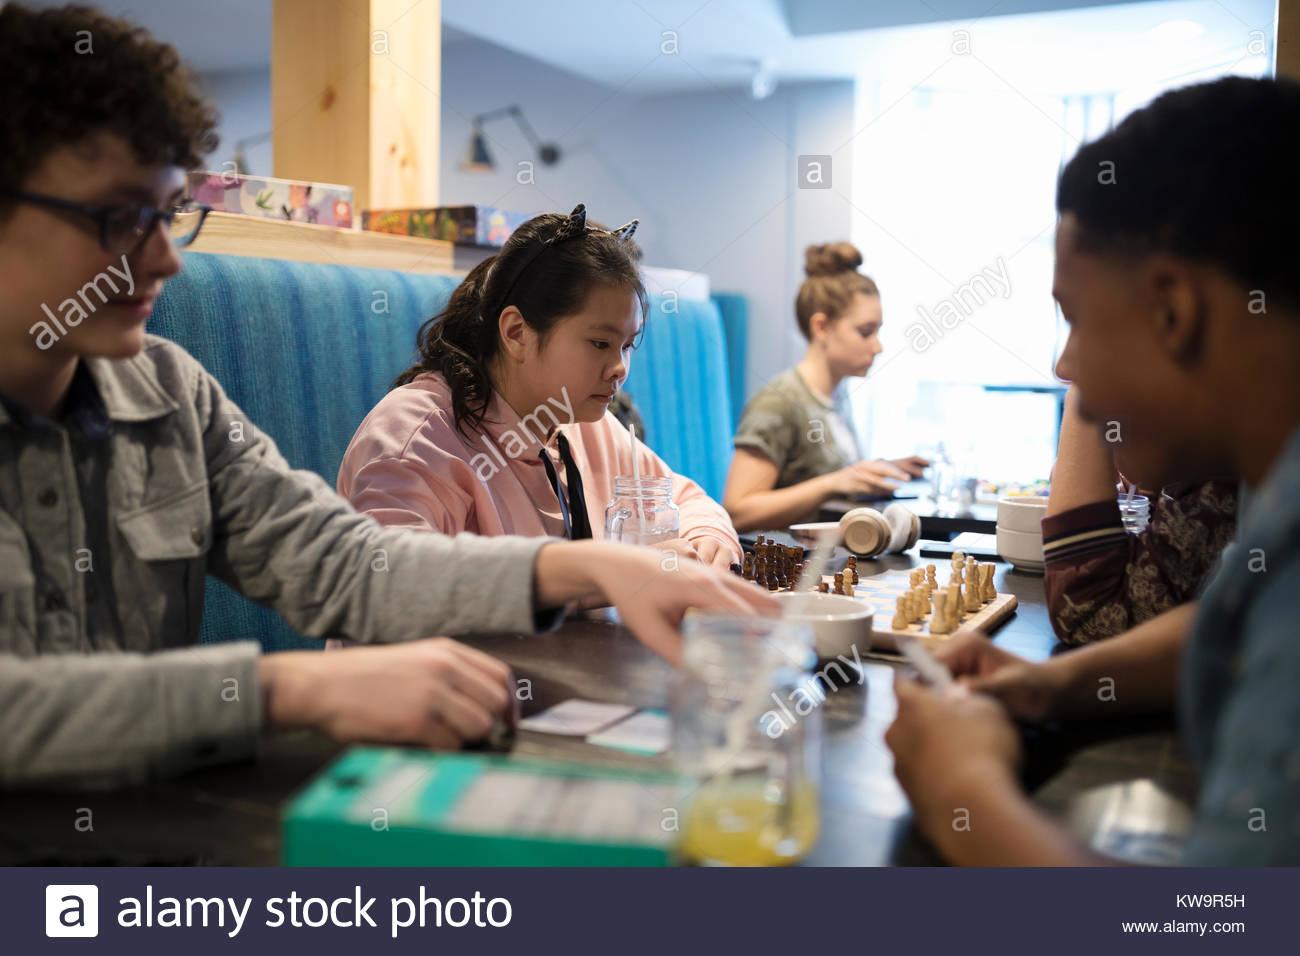 Schwerpunkt Asiatische tween Mädchen schach spielen mit Freundin im Cafe Tabelle Stockbild